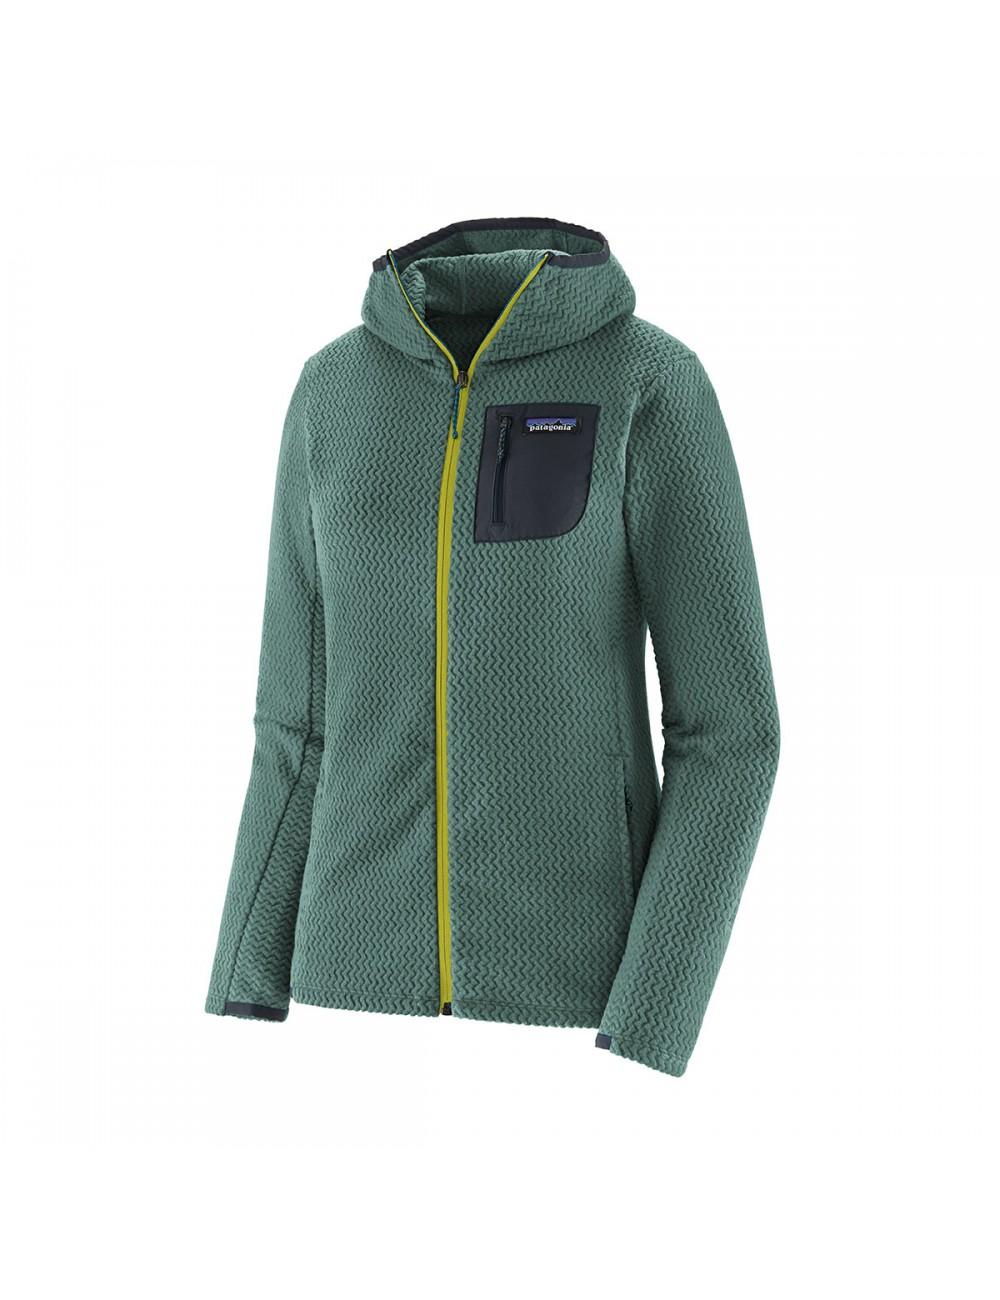 Patagonia R1 Air Full Zip Hoodie - Green_13290